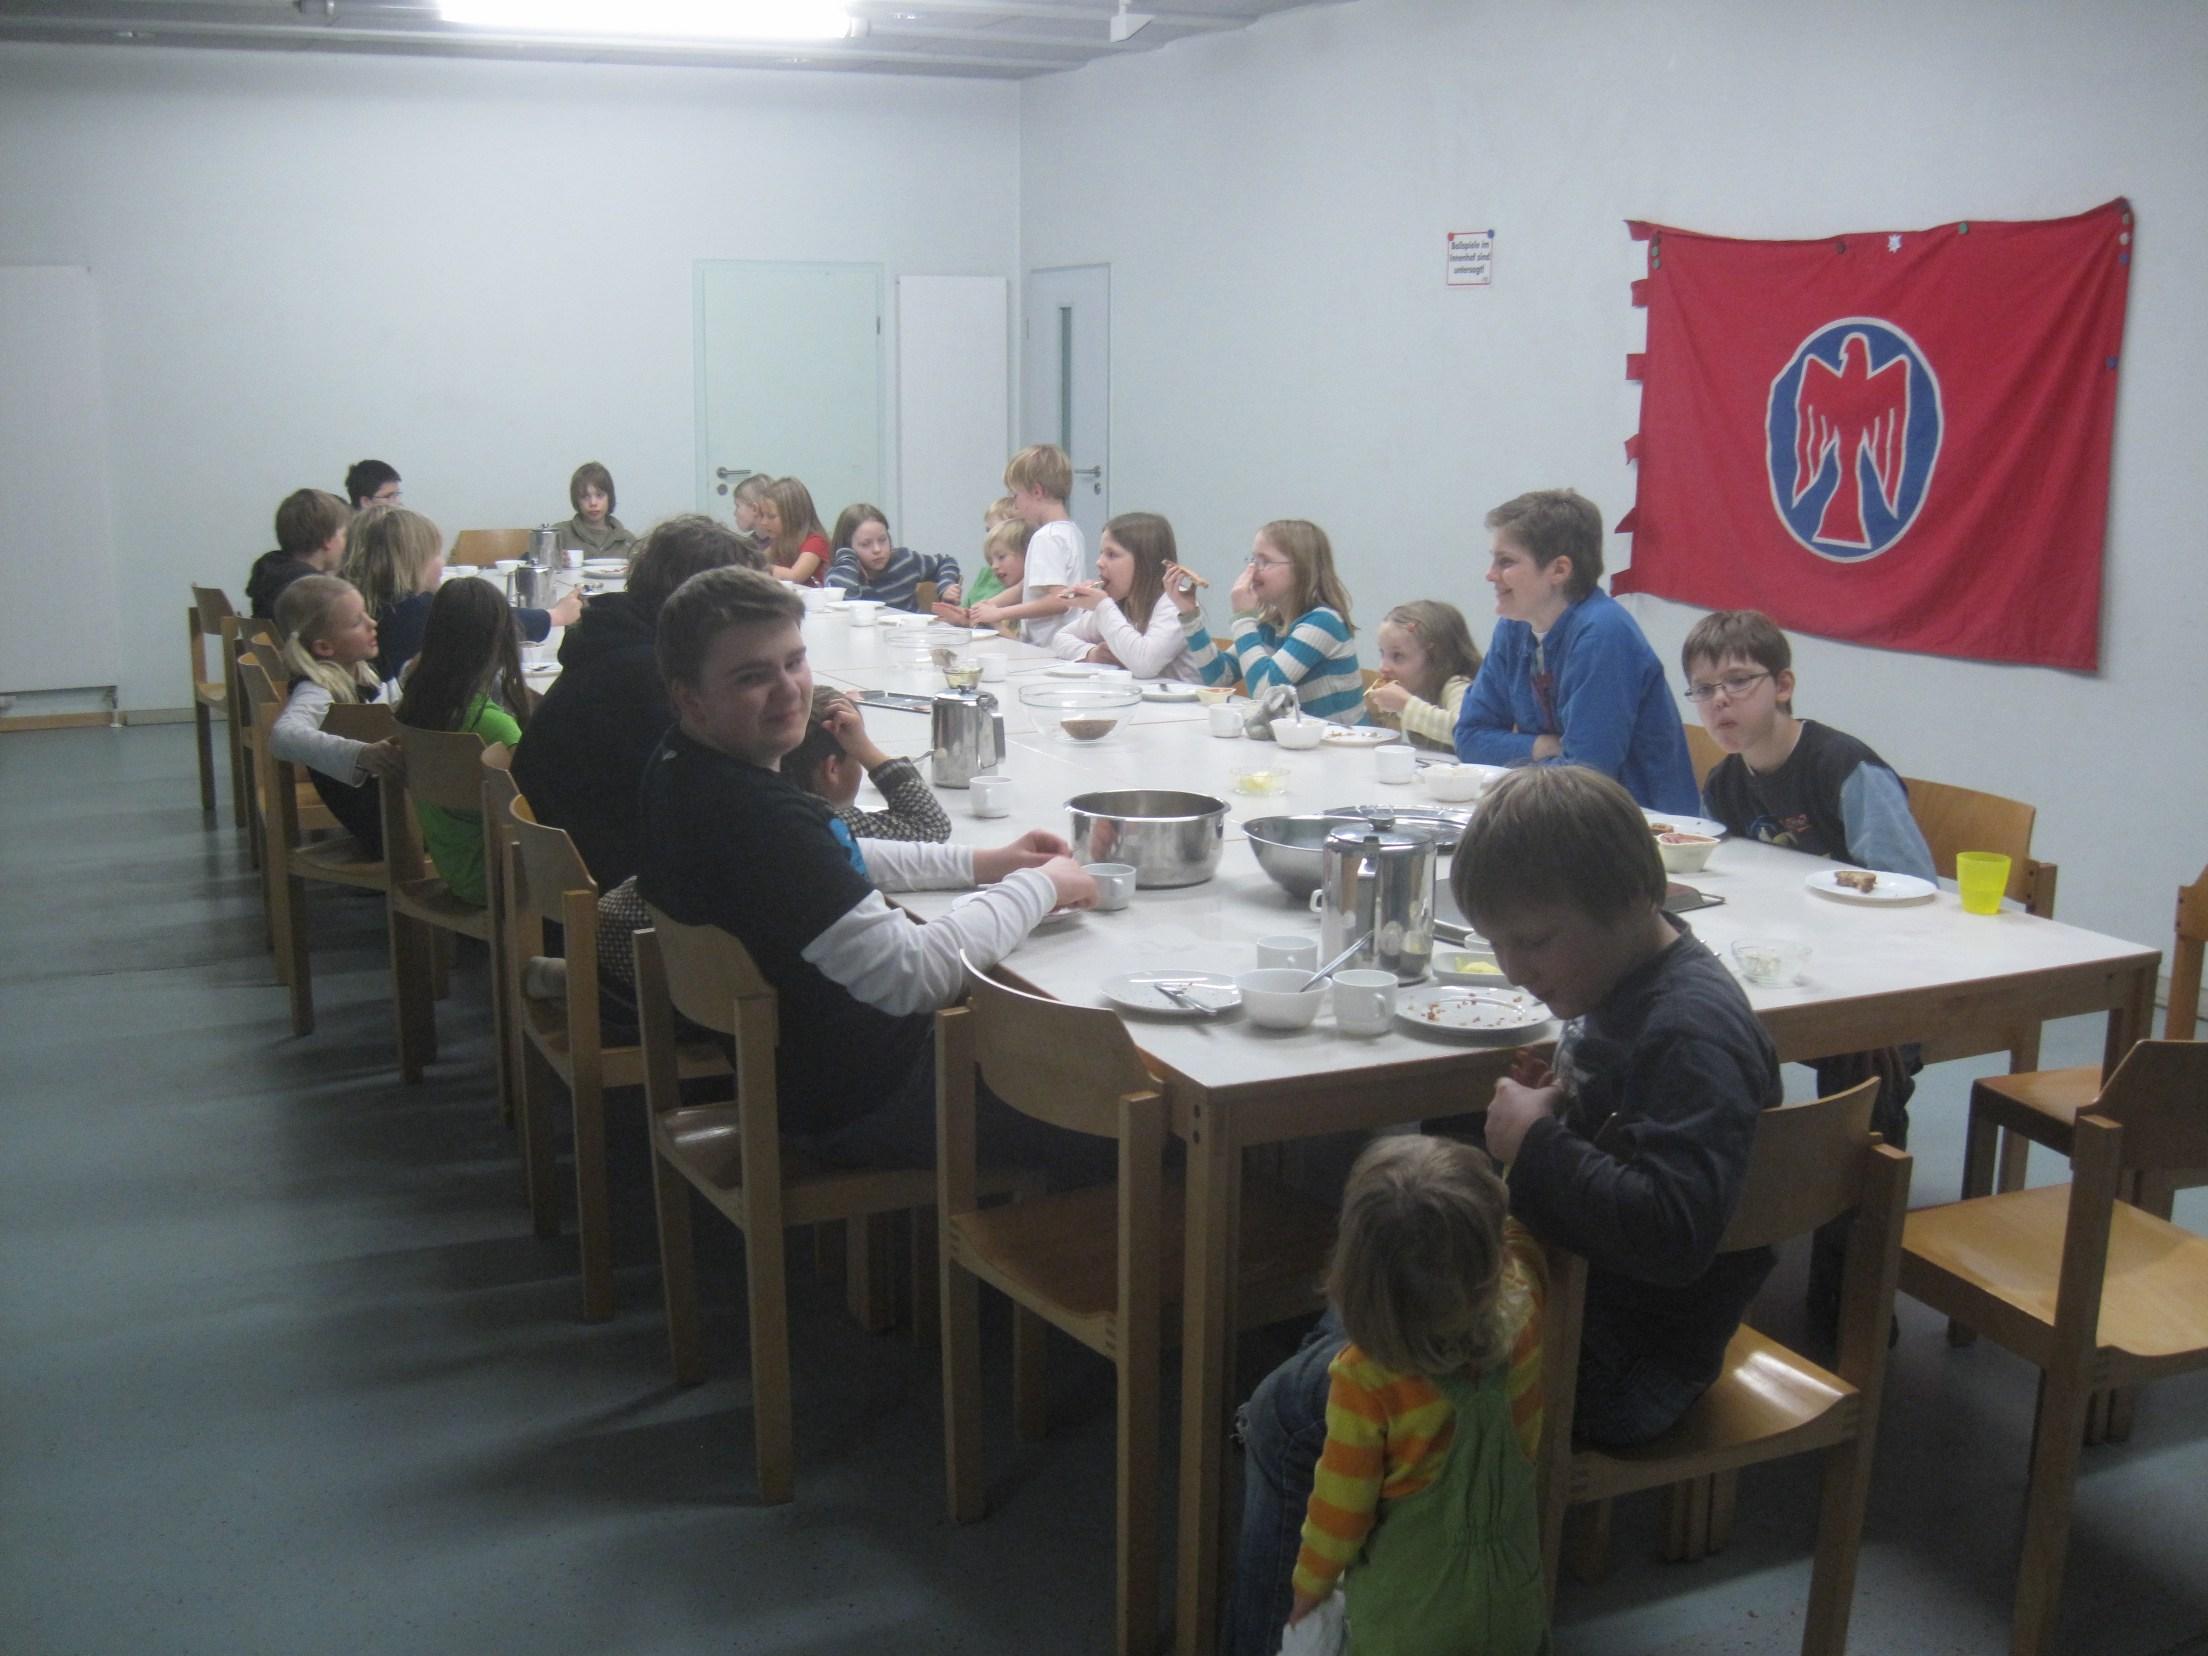 Die versammelte Gruppe beim Mittagessen